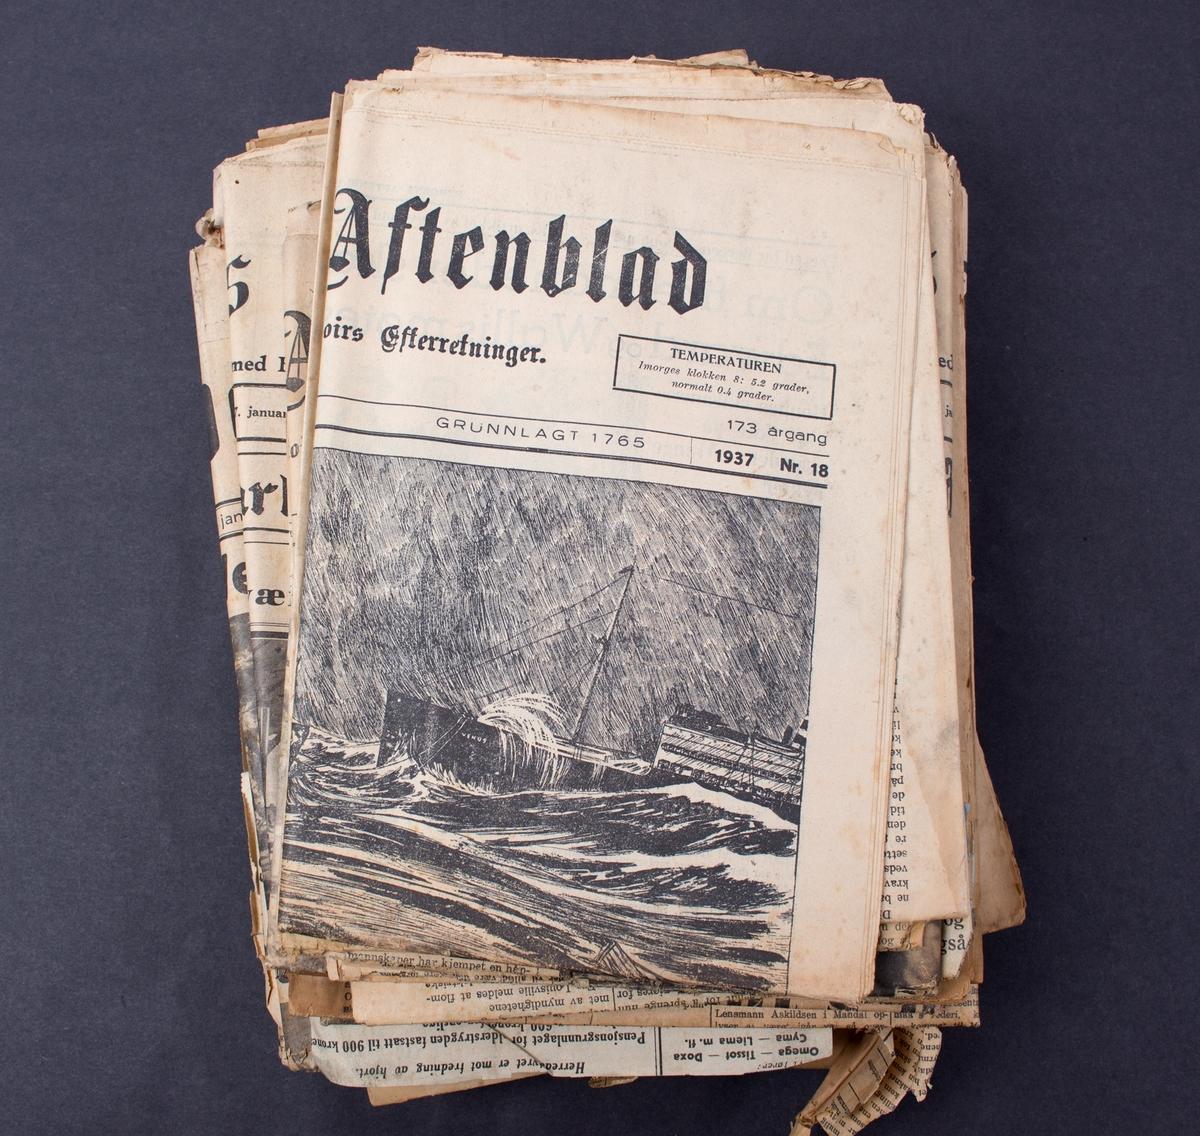 Diverse aviser: Omtale av forlisene og redningsaksjonene i Nordsjøen i januar 1937 i avisene: Bergen Aftenblad, Morgenavisen, Bergens Tidende, Arbeidet, Aftenposten, Tidens Tegn, Mandals avis, Lindesnes, Haugesund Dagblad.